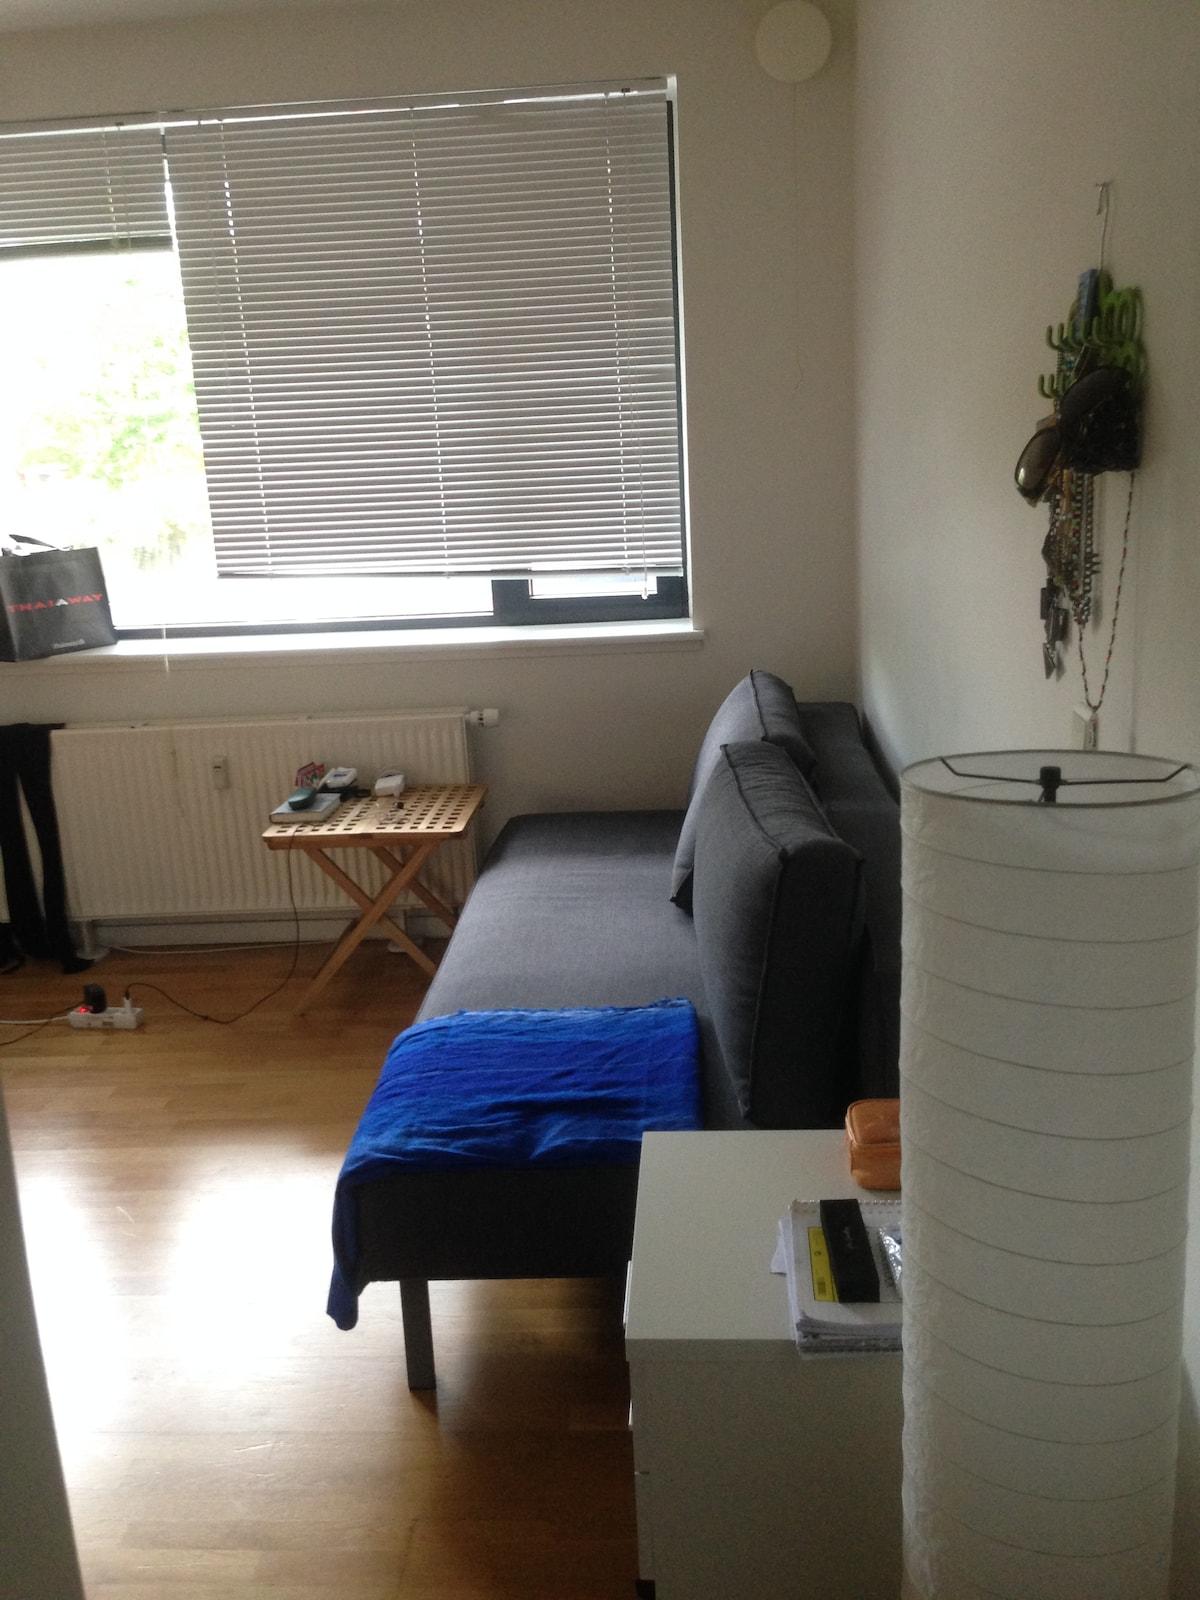 Studio-apartment, amazing location